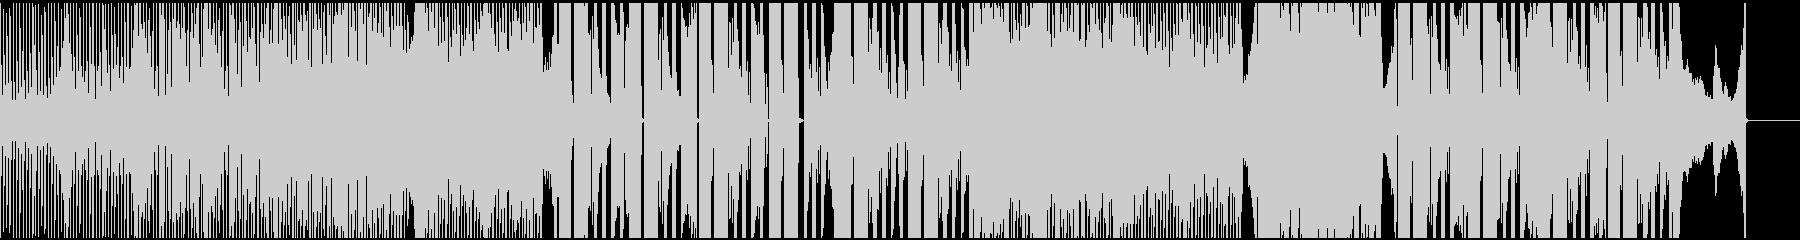 シンセサイザーでインスピレーションな曲の未再生の波形